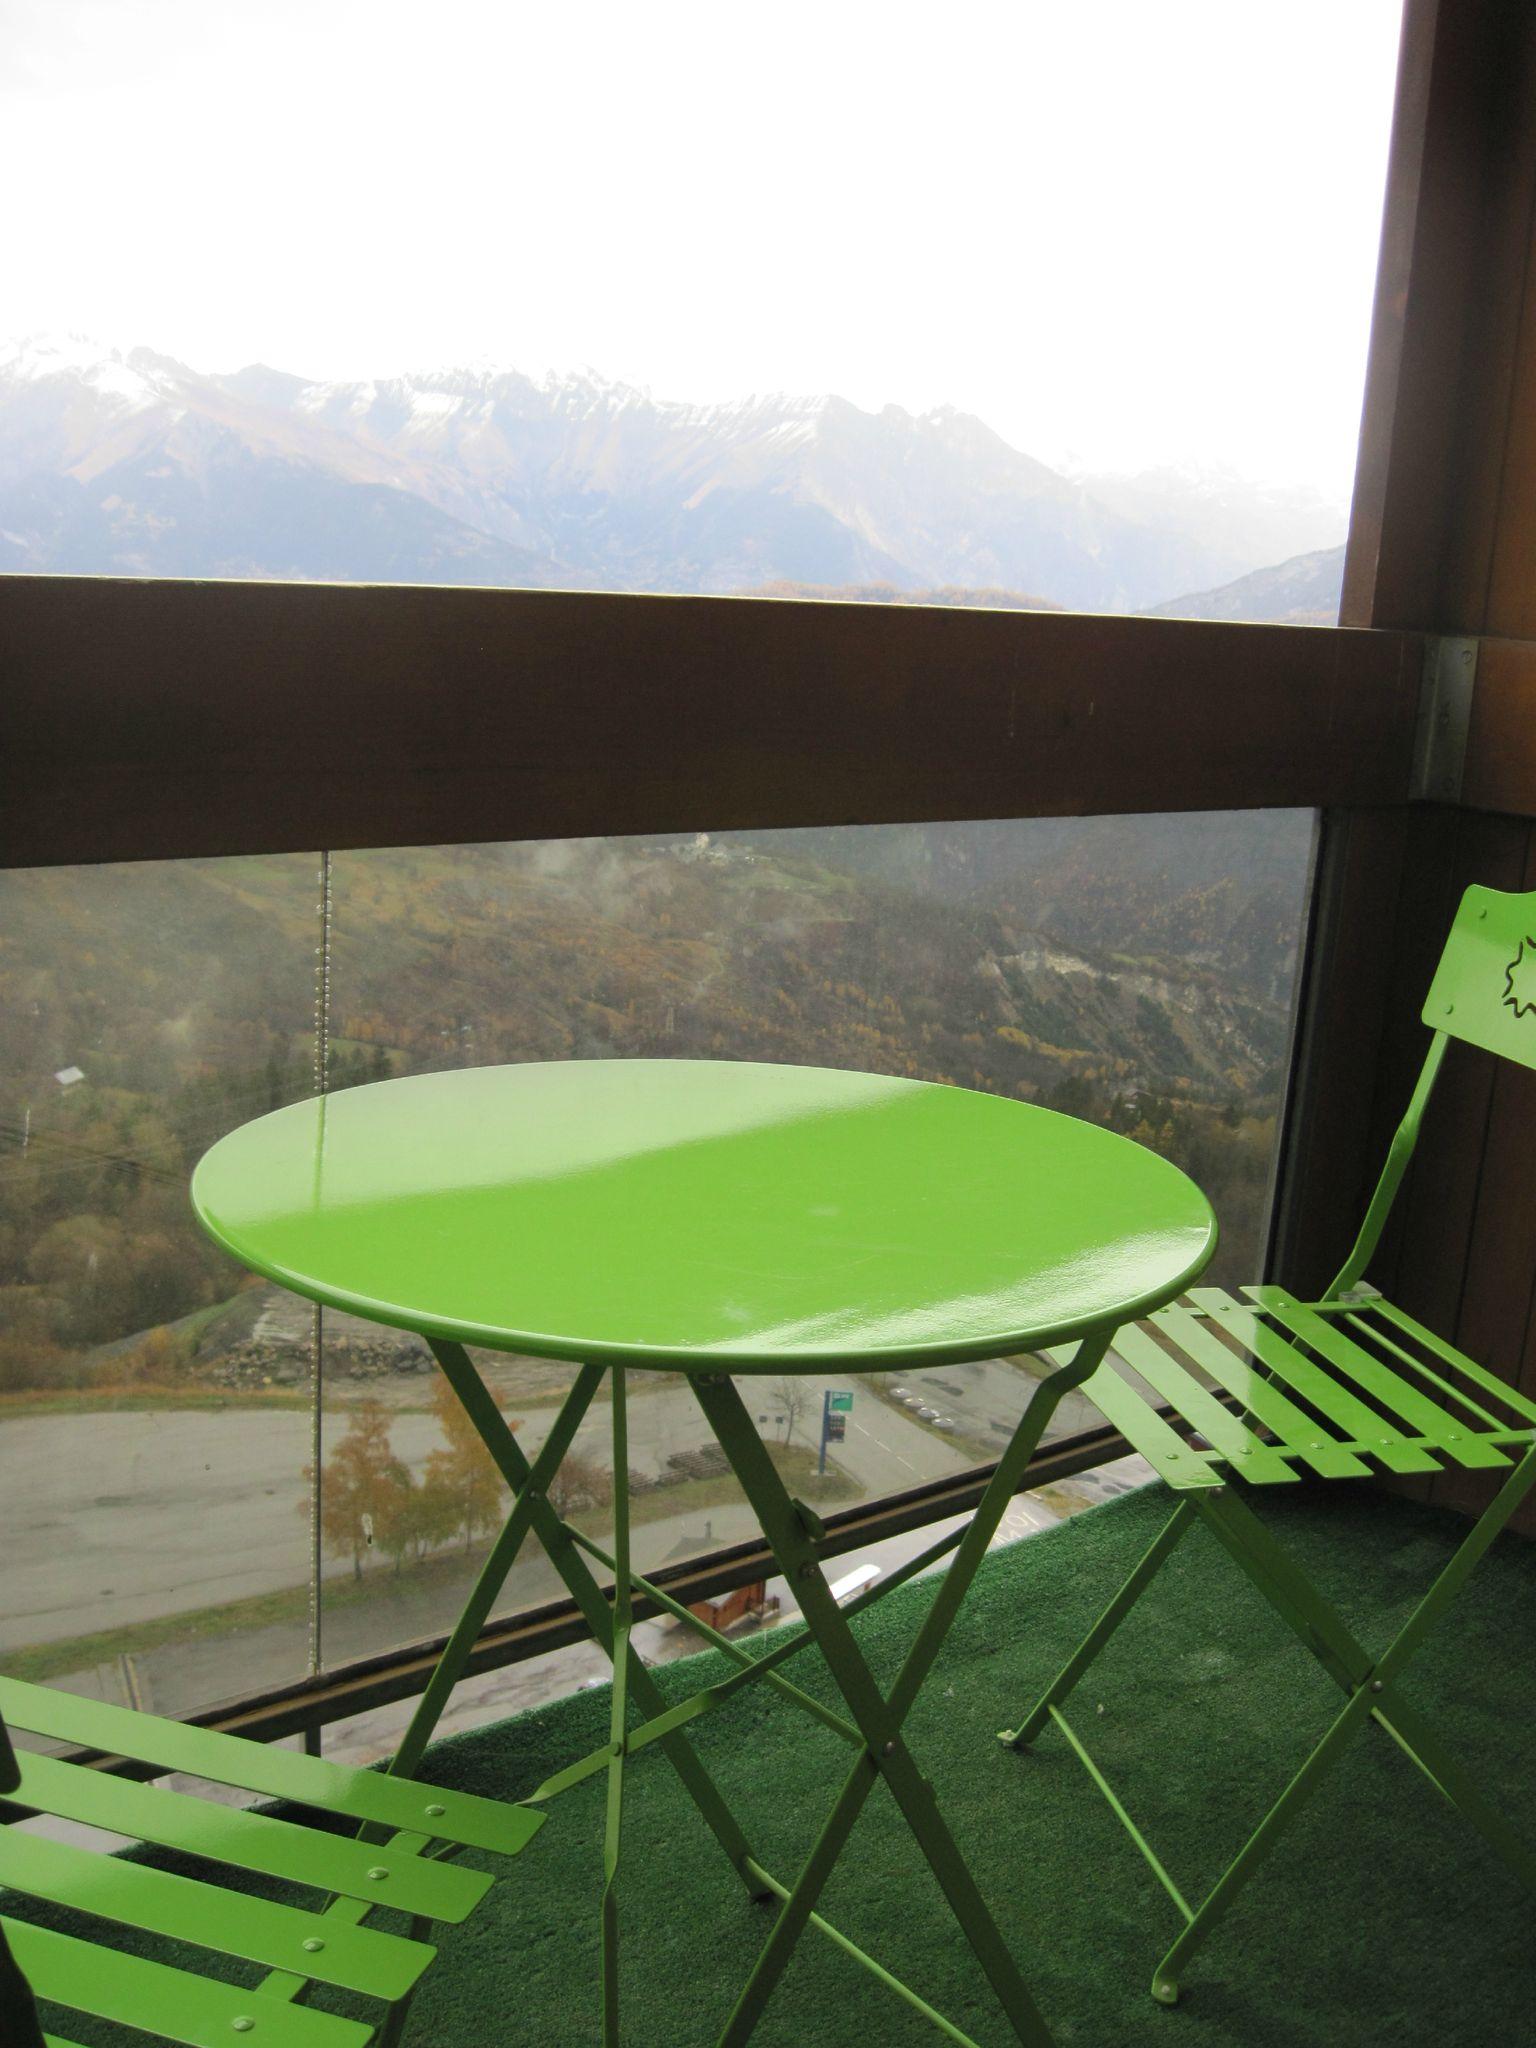 Mobilier de jardin sur le balcon